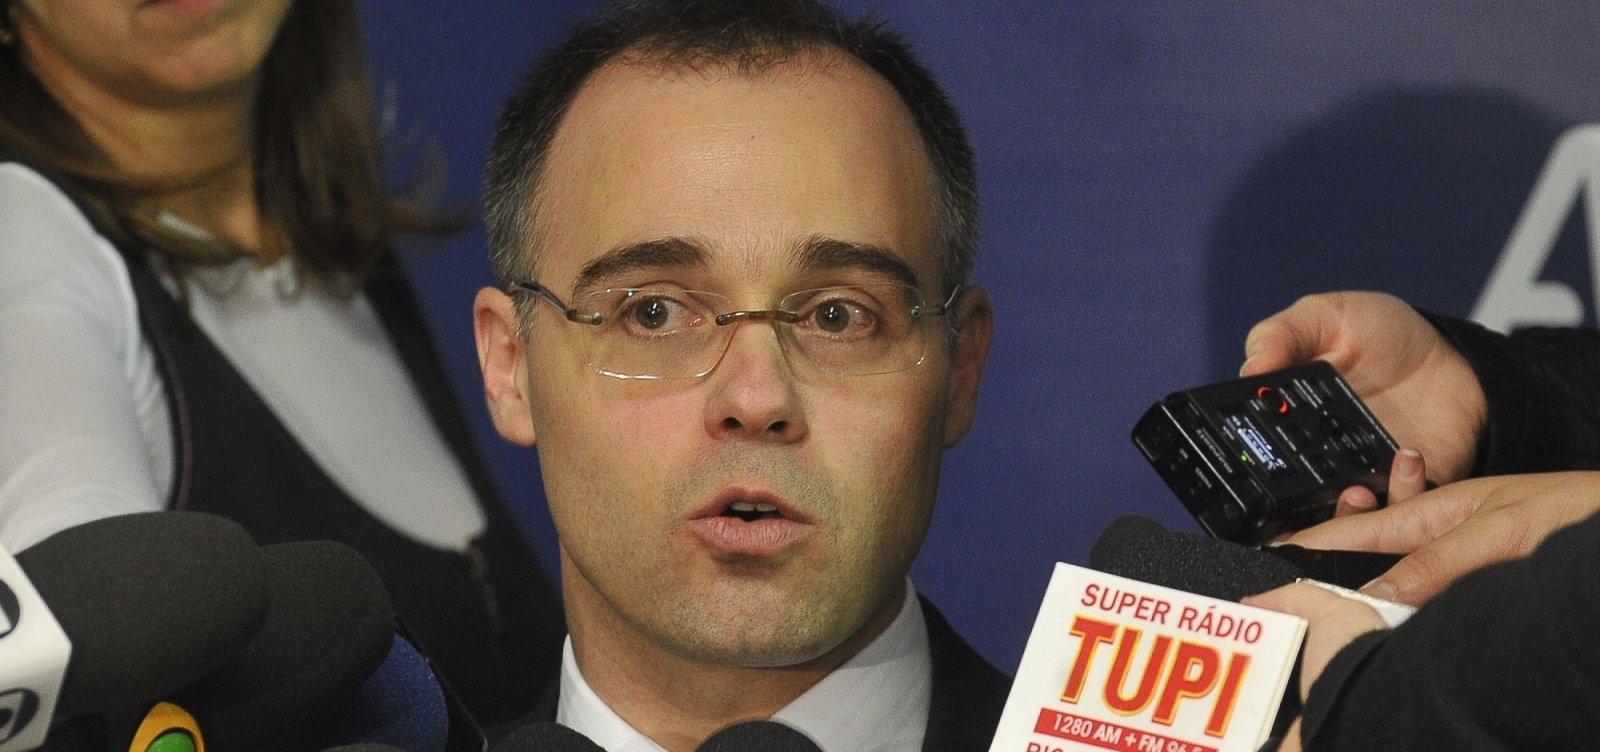 Ministro da AGU diz que professor 'não pode atuar como militante'